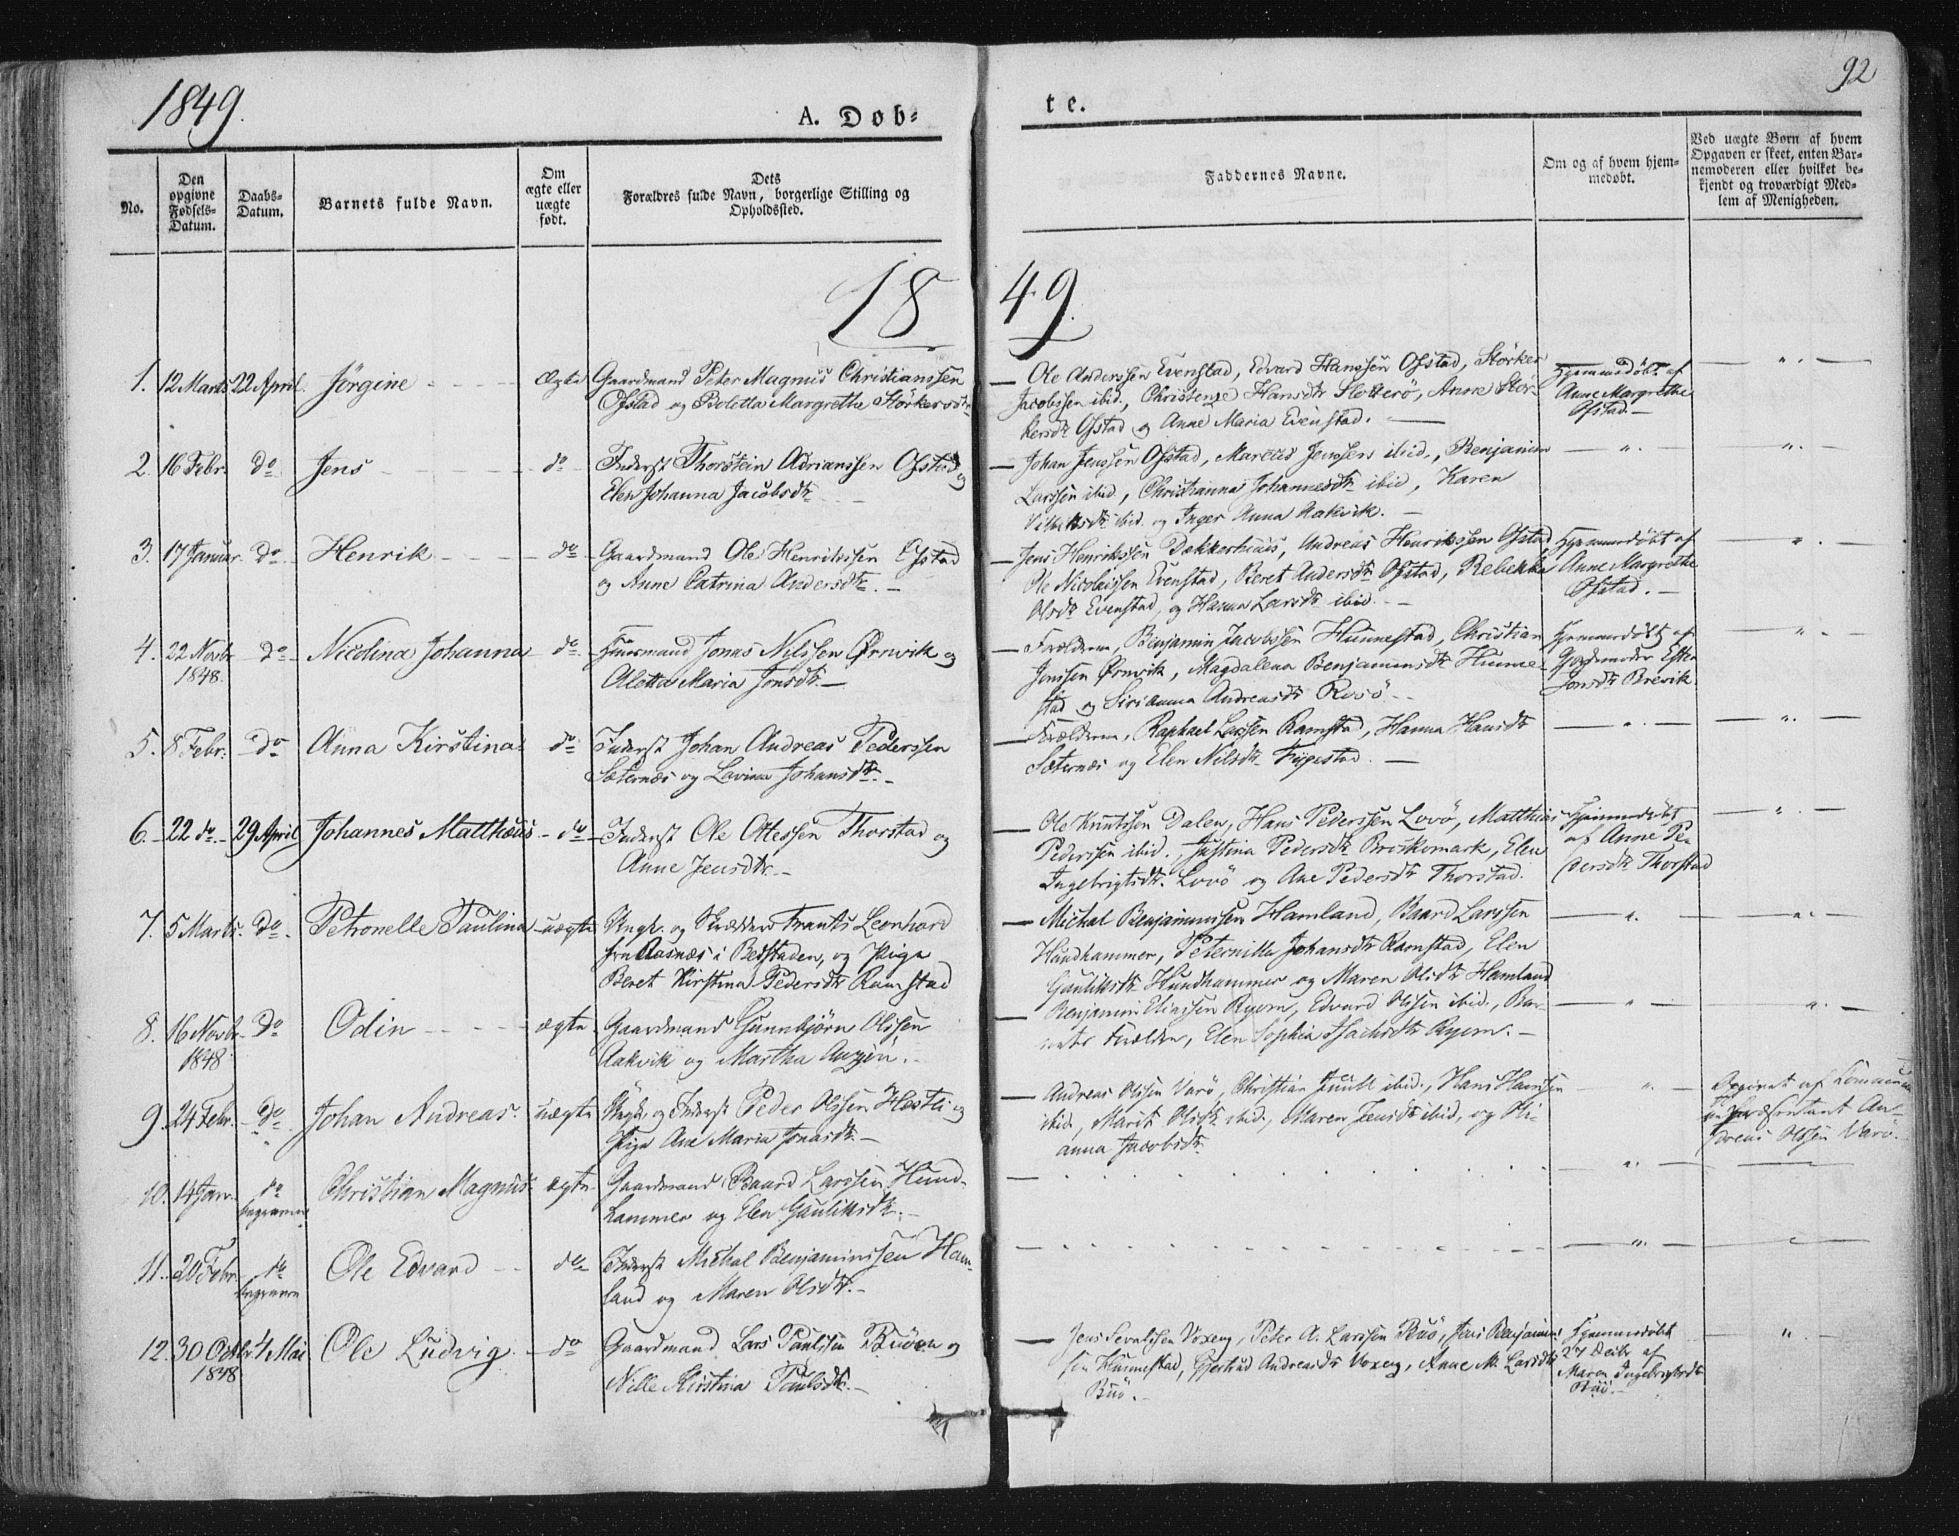 SAT, Ministerialprotokoller, klokkerbøker og fødselsregistre - Nord-Trøndelag, 784/L0669: Ministerialbok nr. 784A04, 1829-1859, s. 92